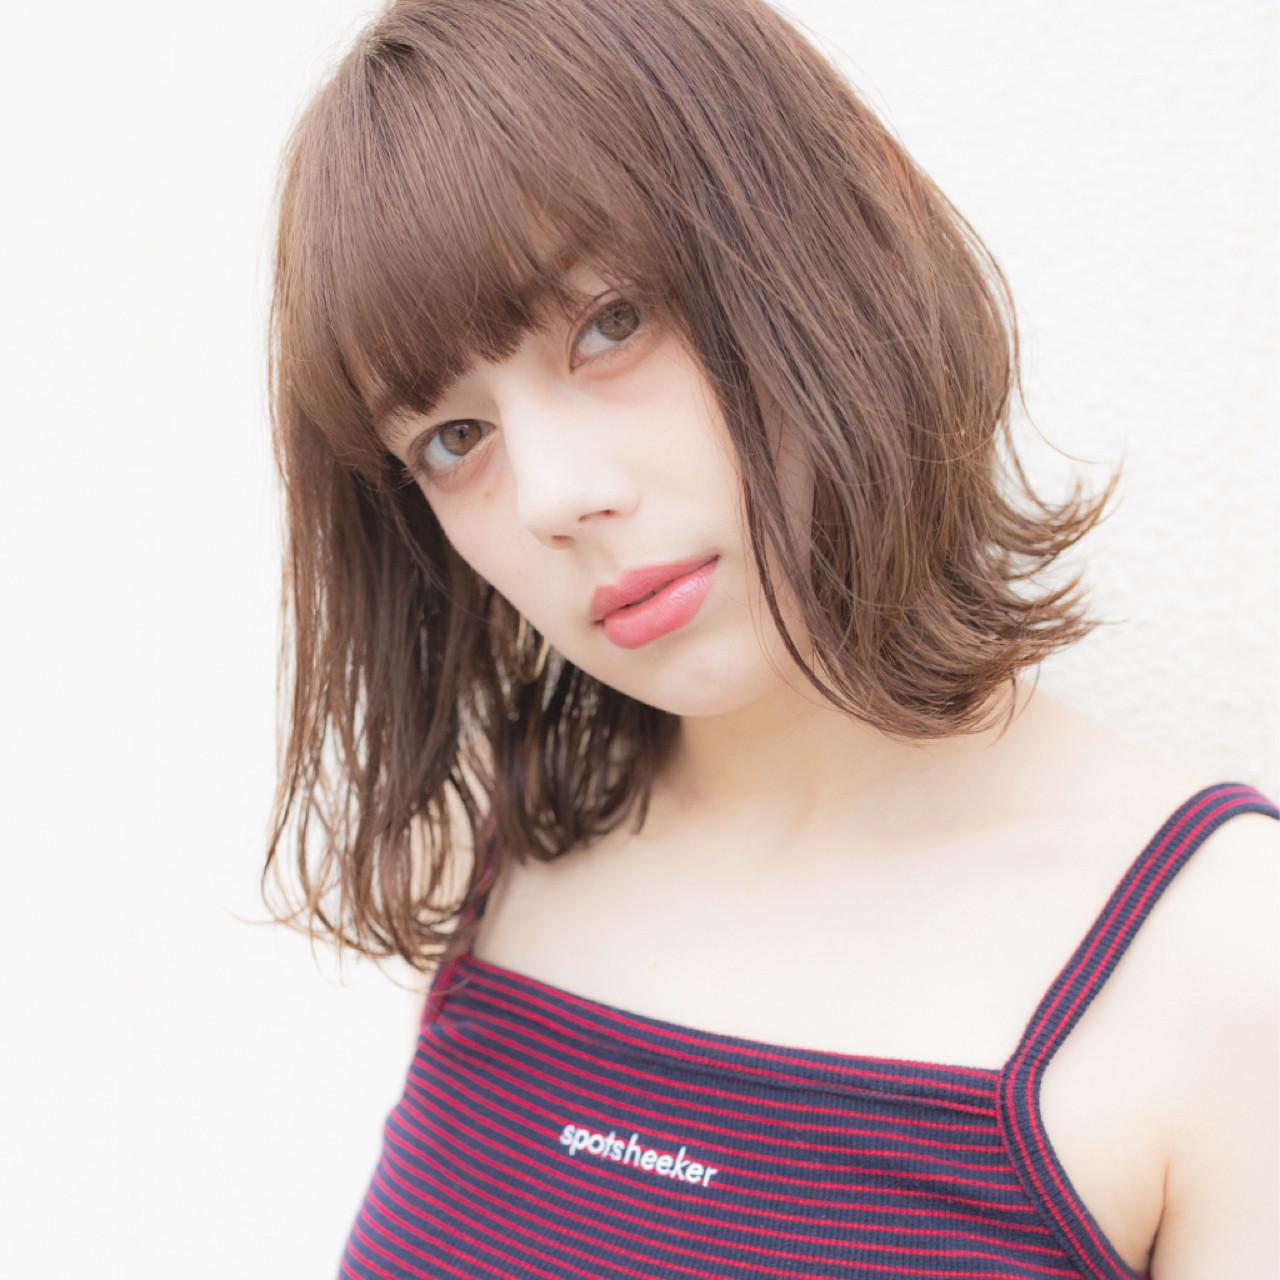 色気 デート ミディアム 夏 ヘアスタイルや髪型の写真・画像